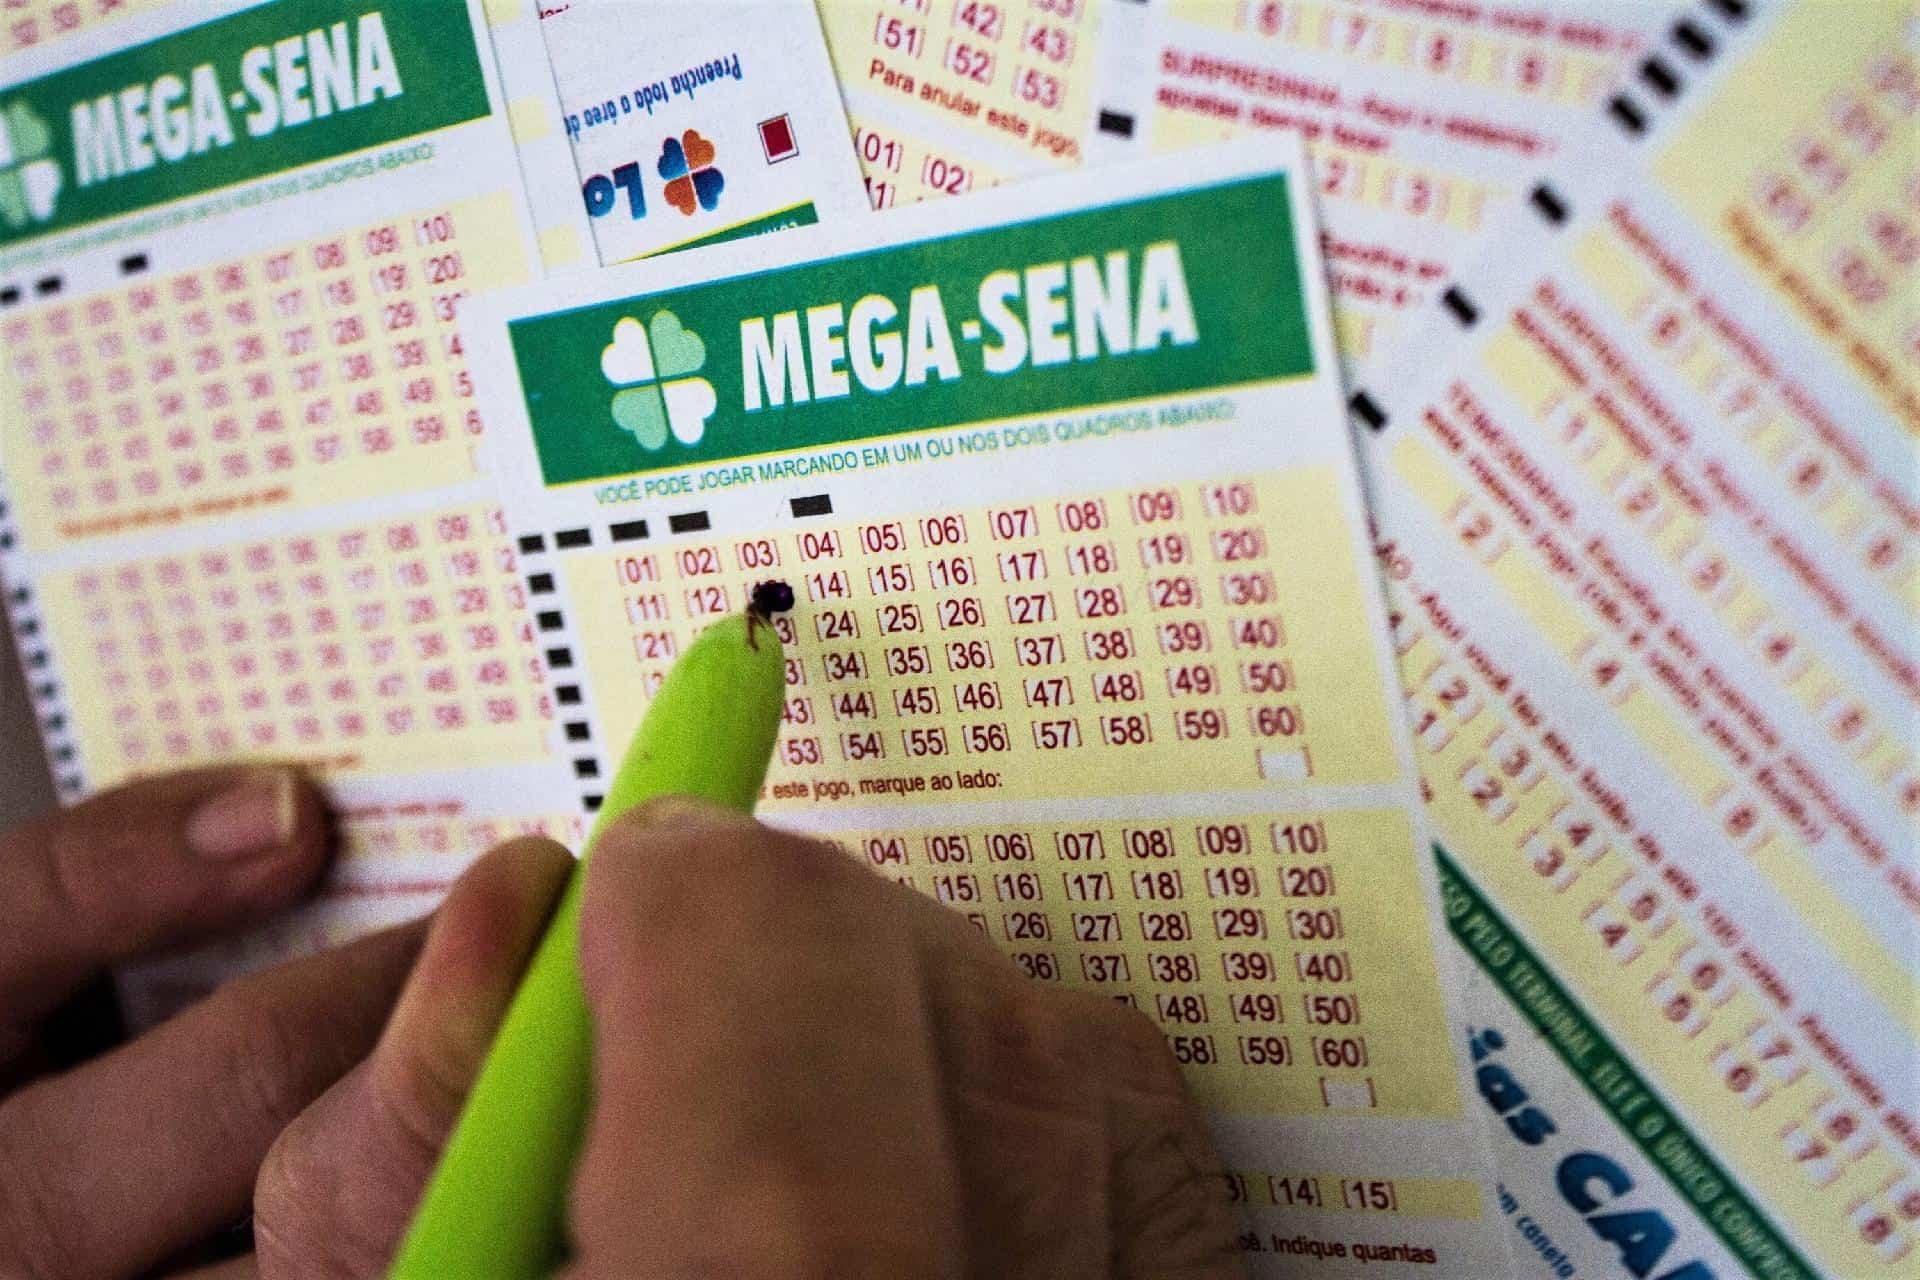 Loterias Caixa: Conheça TUDO sobre as apostas disponibilizadas pelo banco (Imagem: Reprodução - Google)